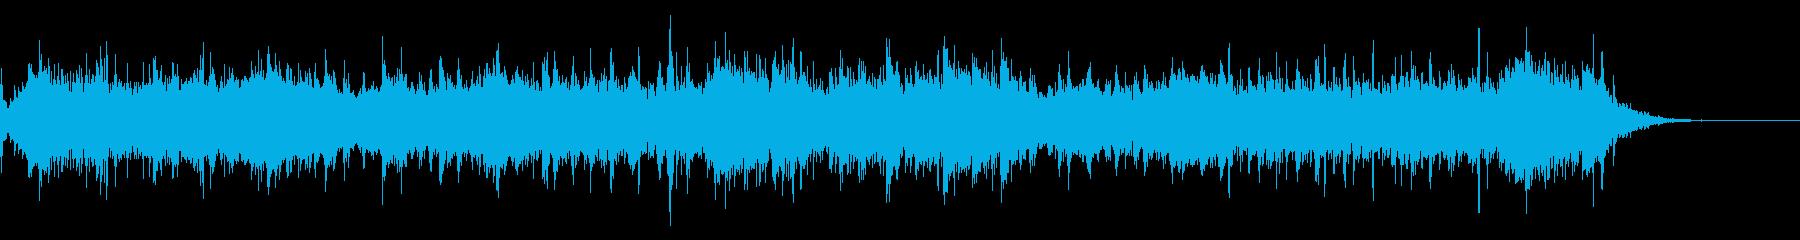 異世界 6の再生済みの波形